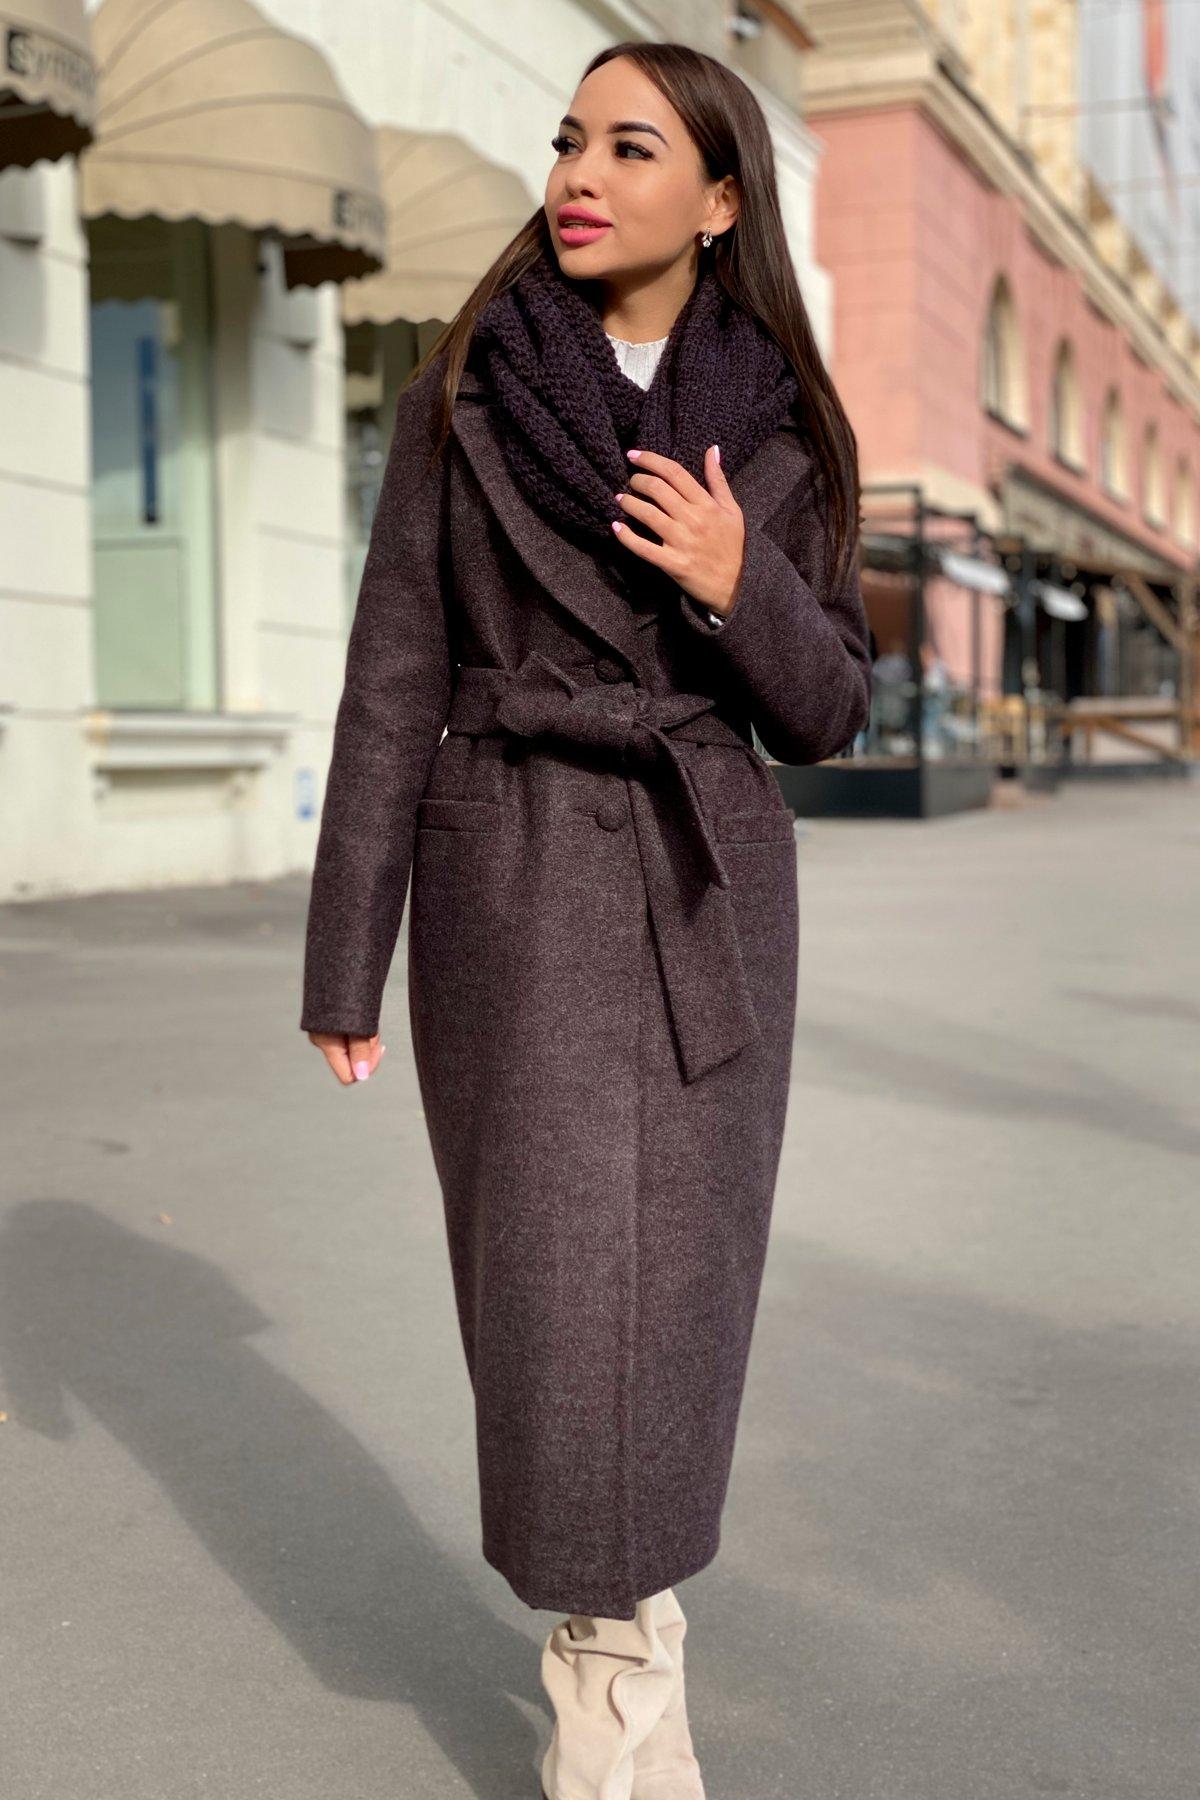 Длинное пальто зима Вива макси 8341 АРТ. 44495 Цвет: Шоколад 7 - фото 12, интернет магазин tm-modus.ru